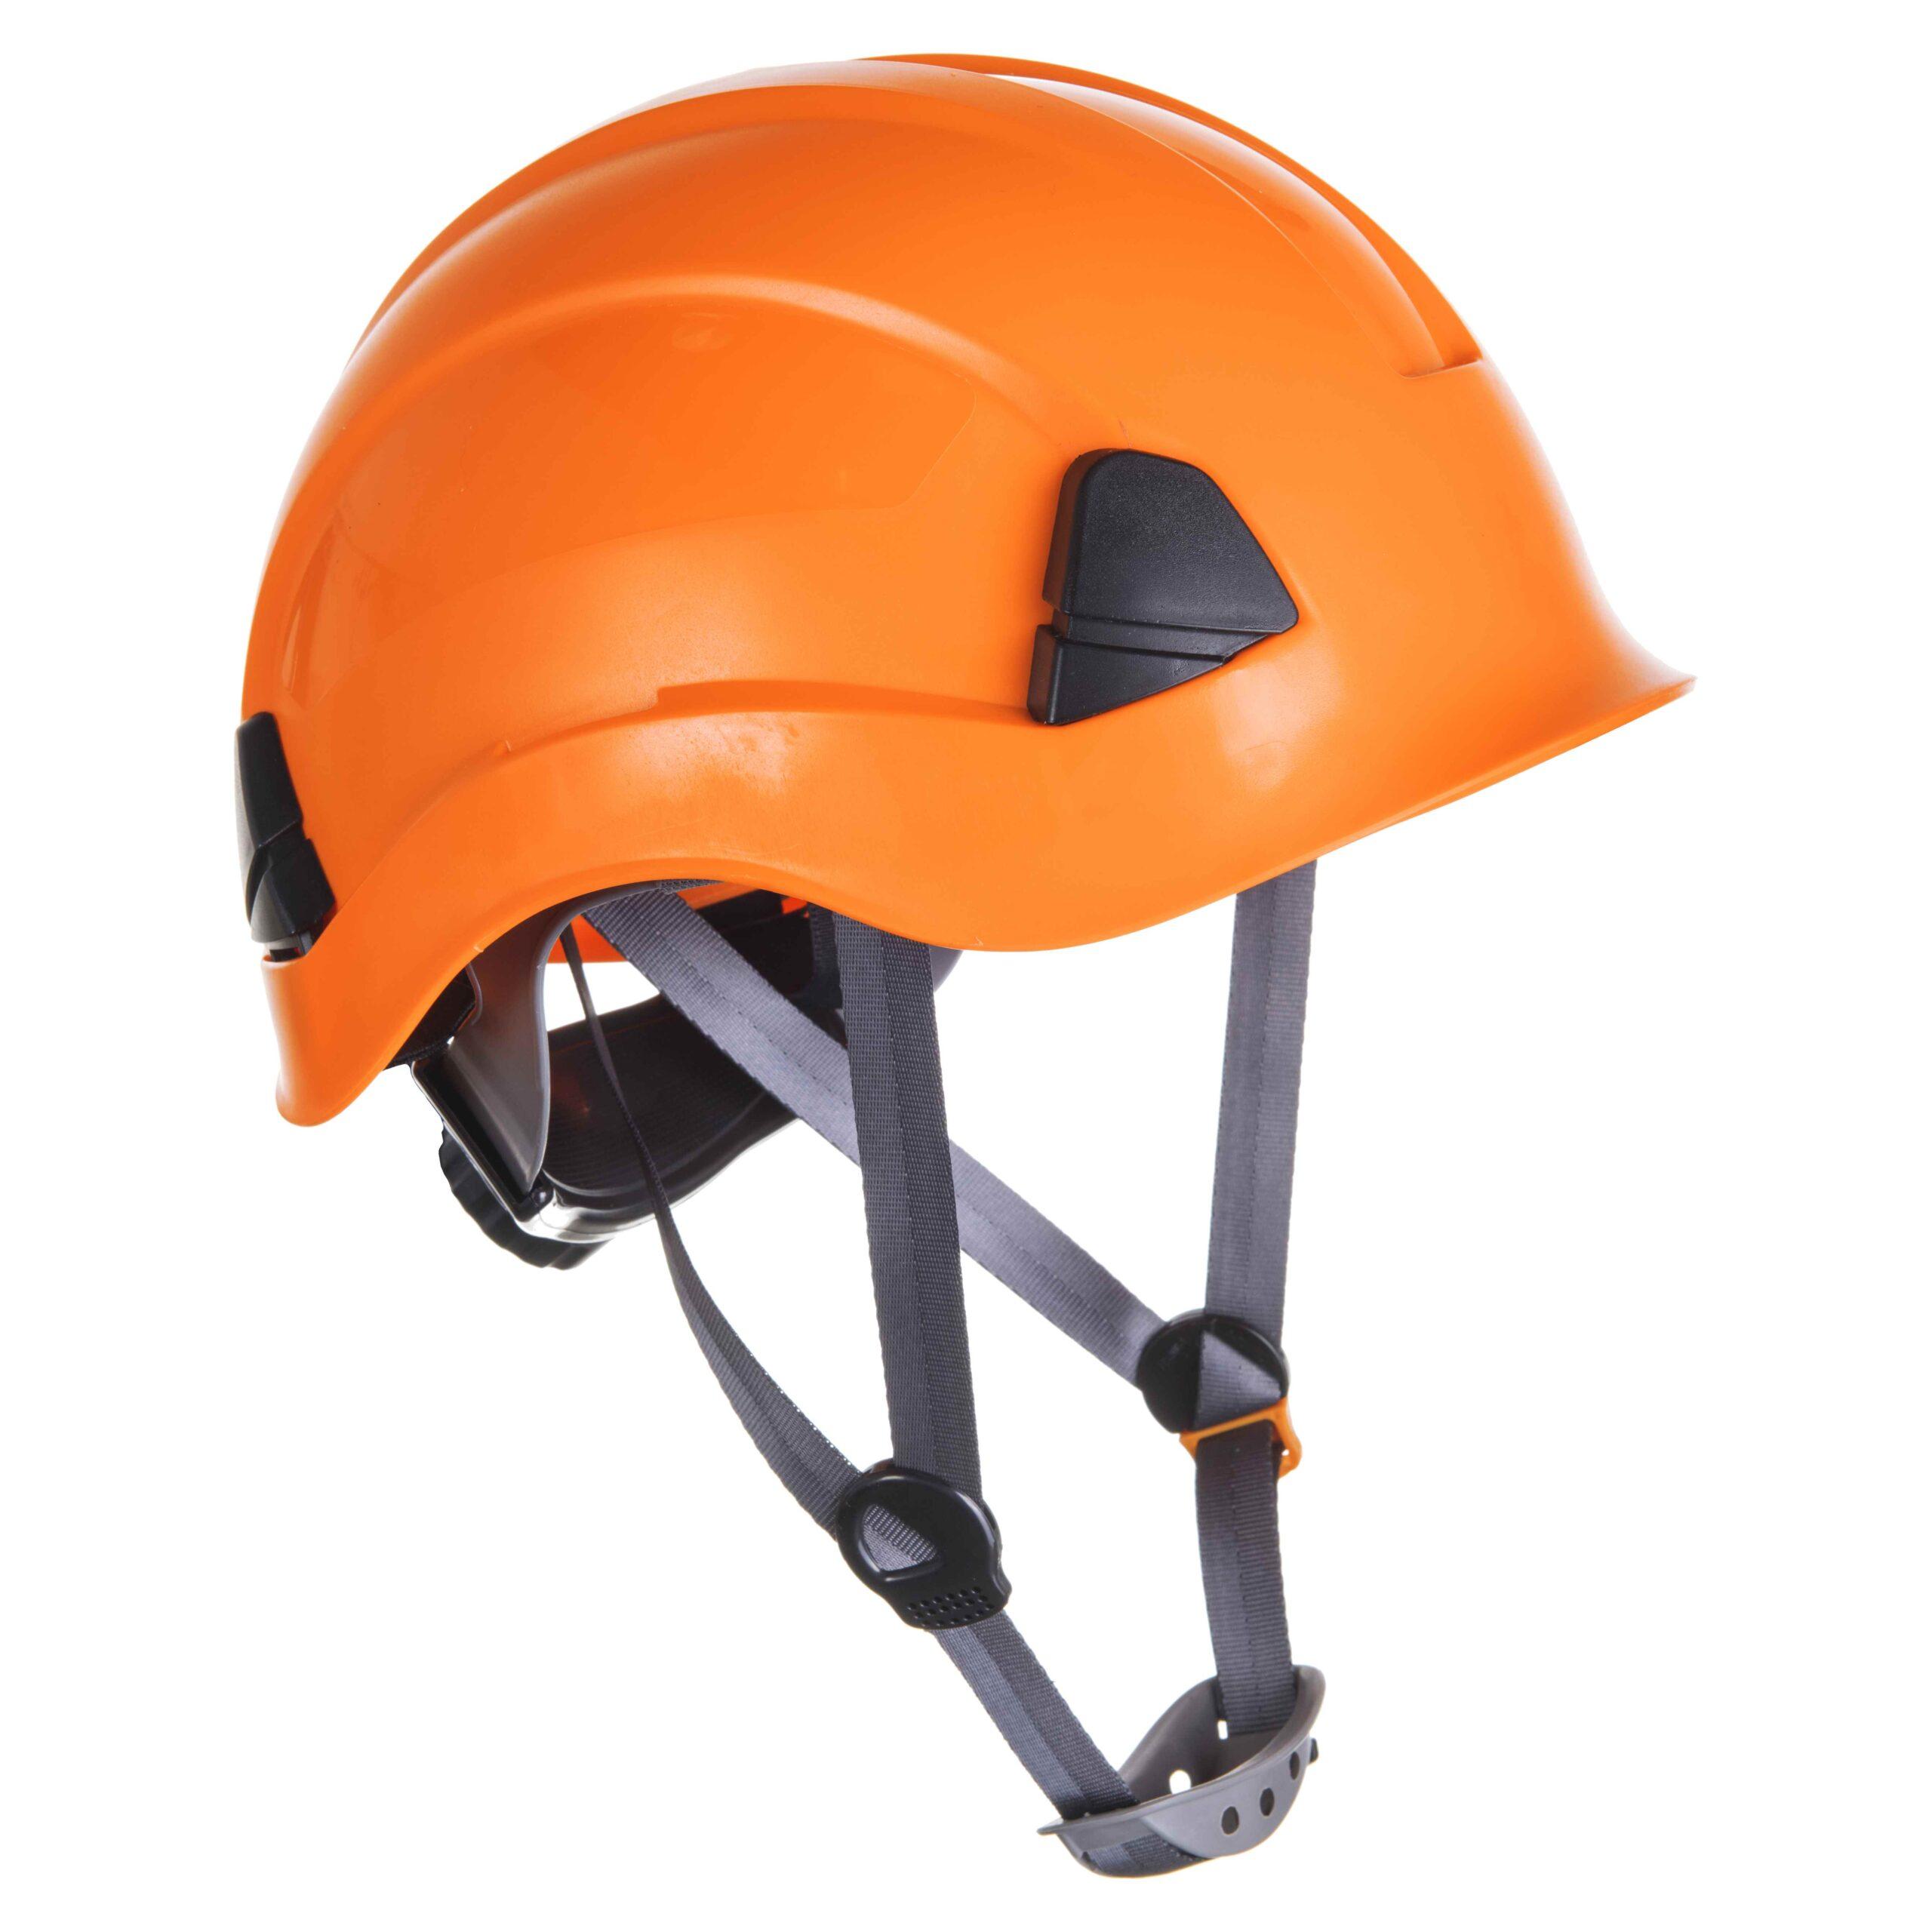 elmetto endurance arancio alta visibilità